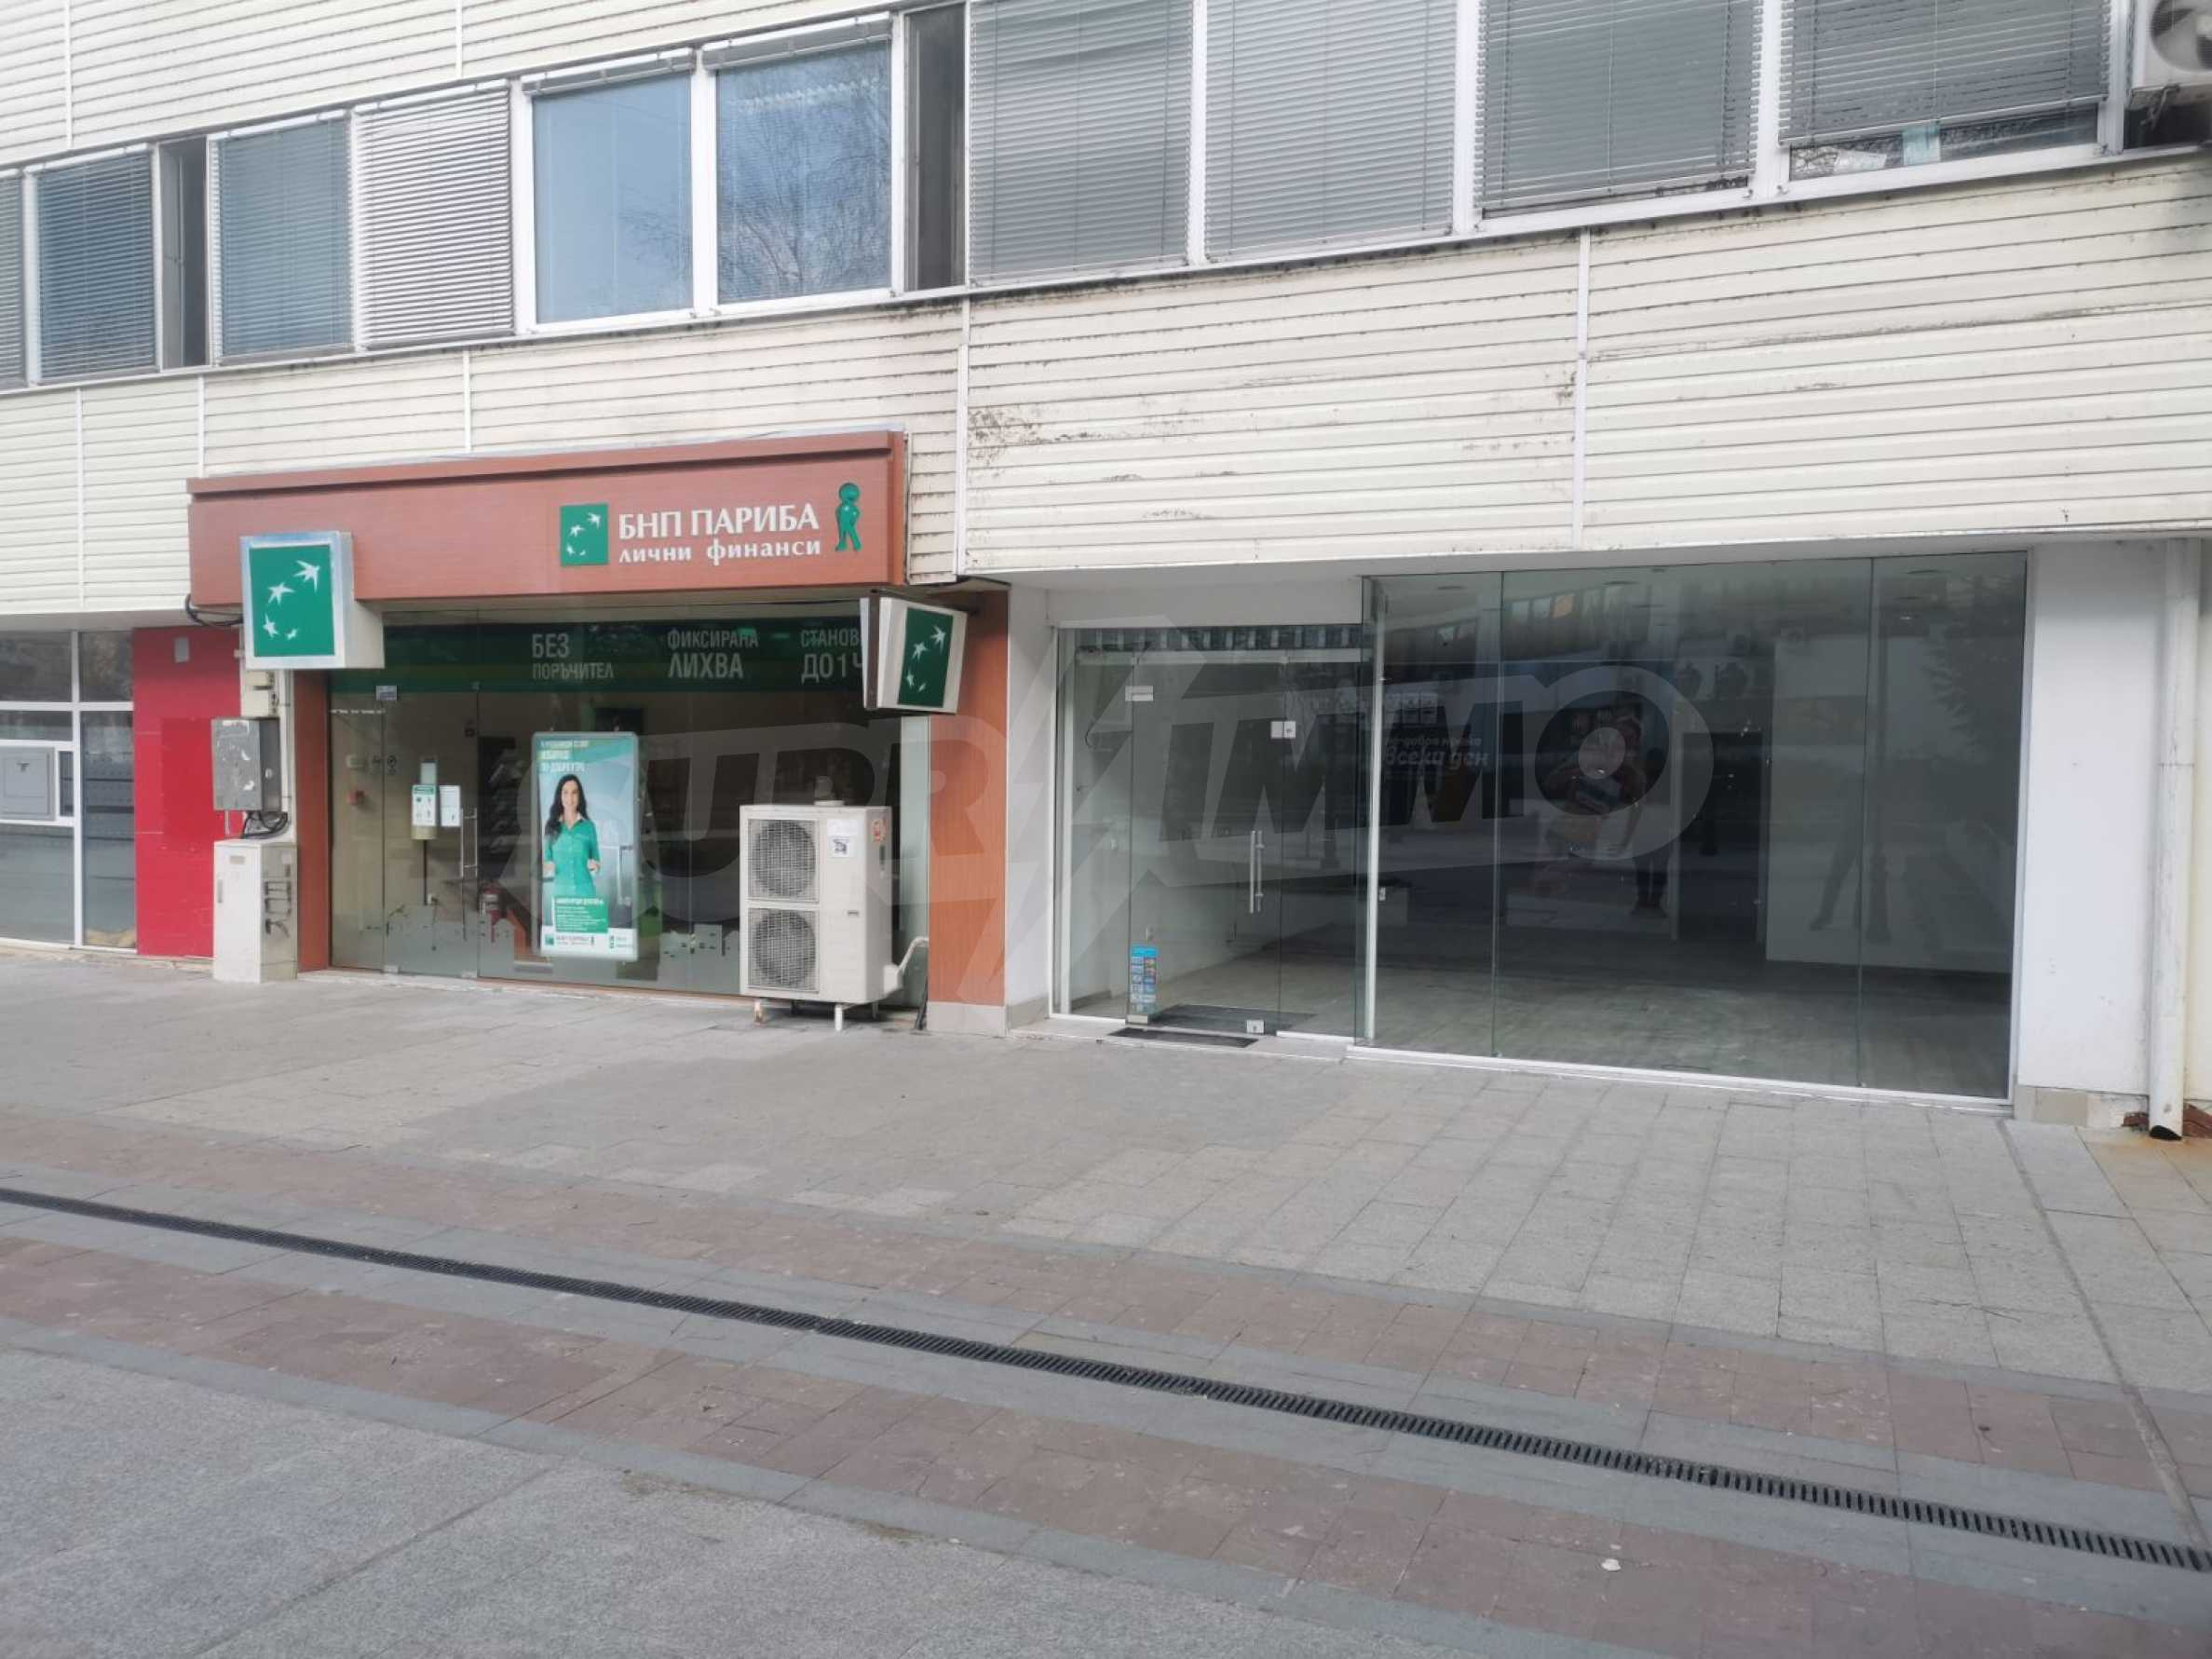 Търговско помещение под наем в центъра на града 1